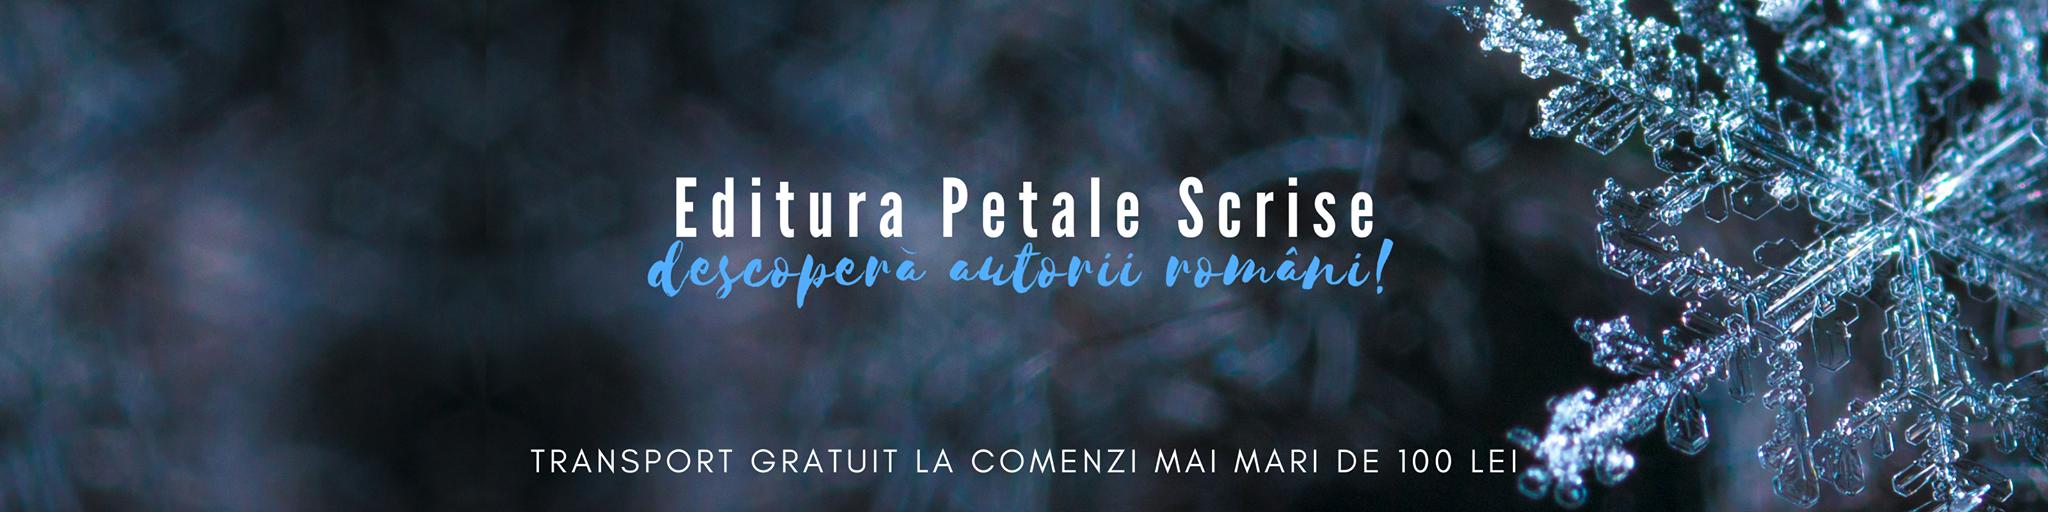 Editura Petale Scrise